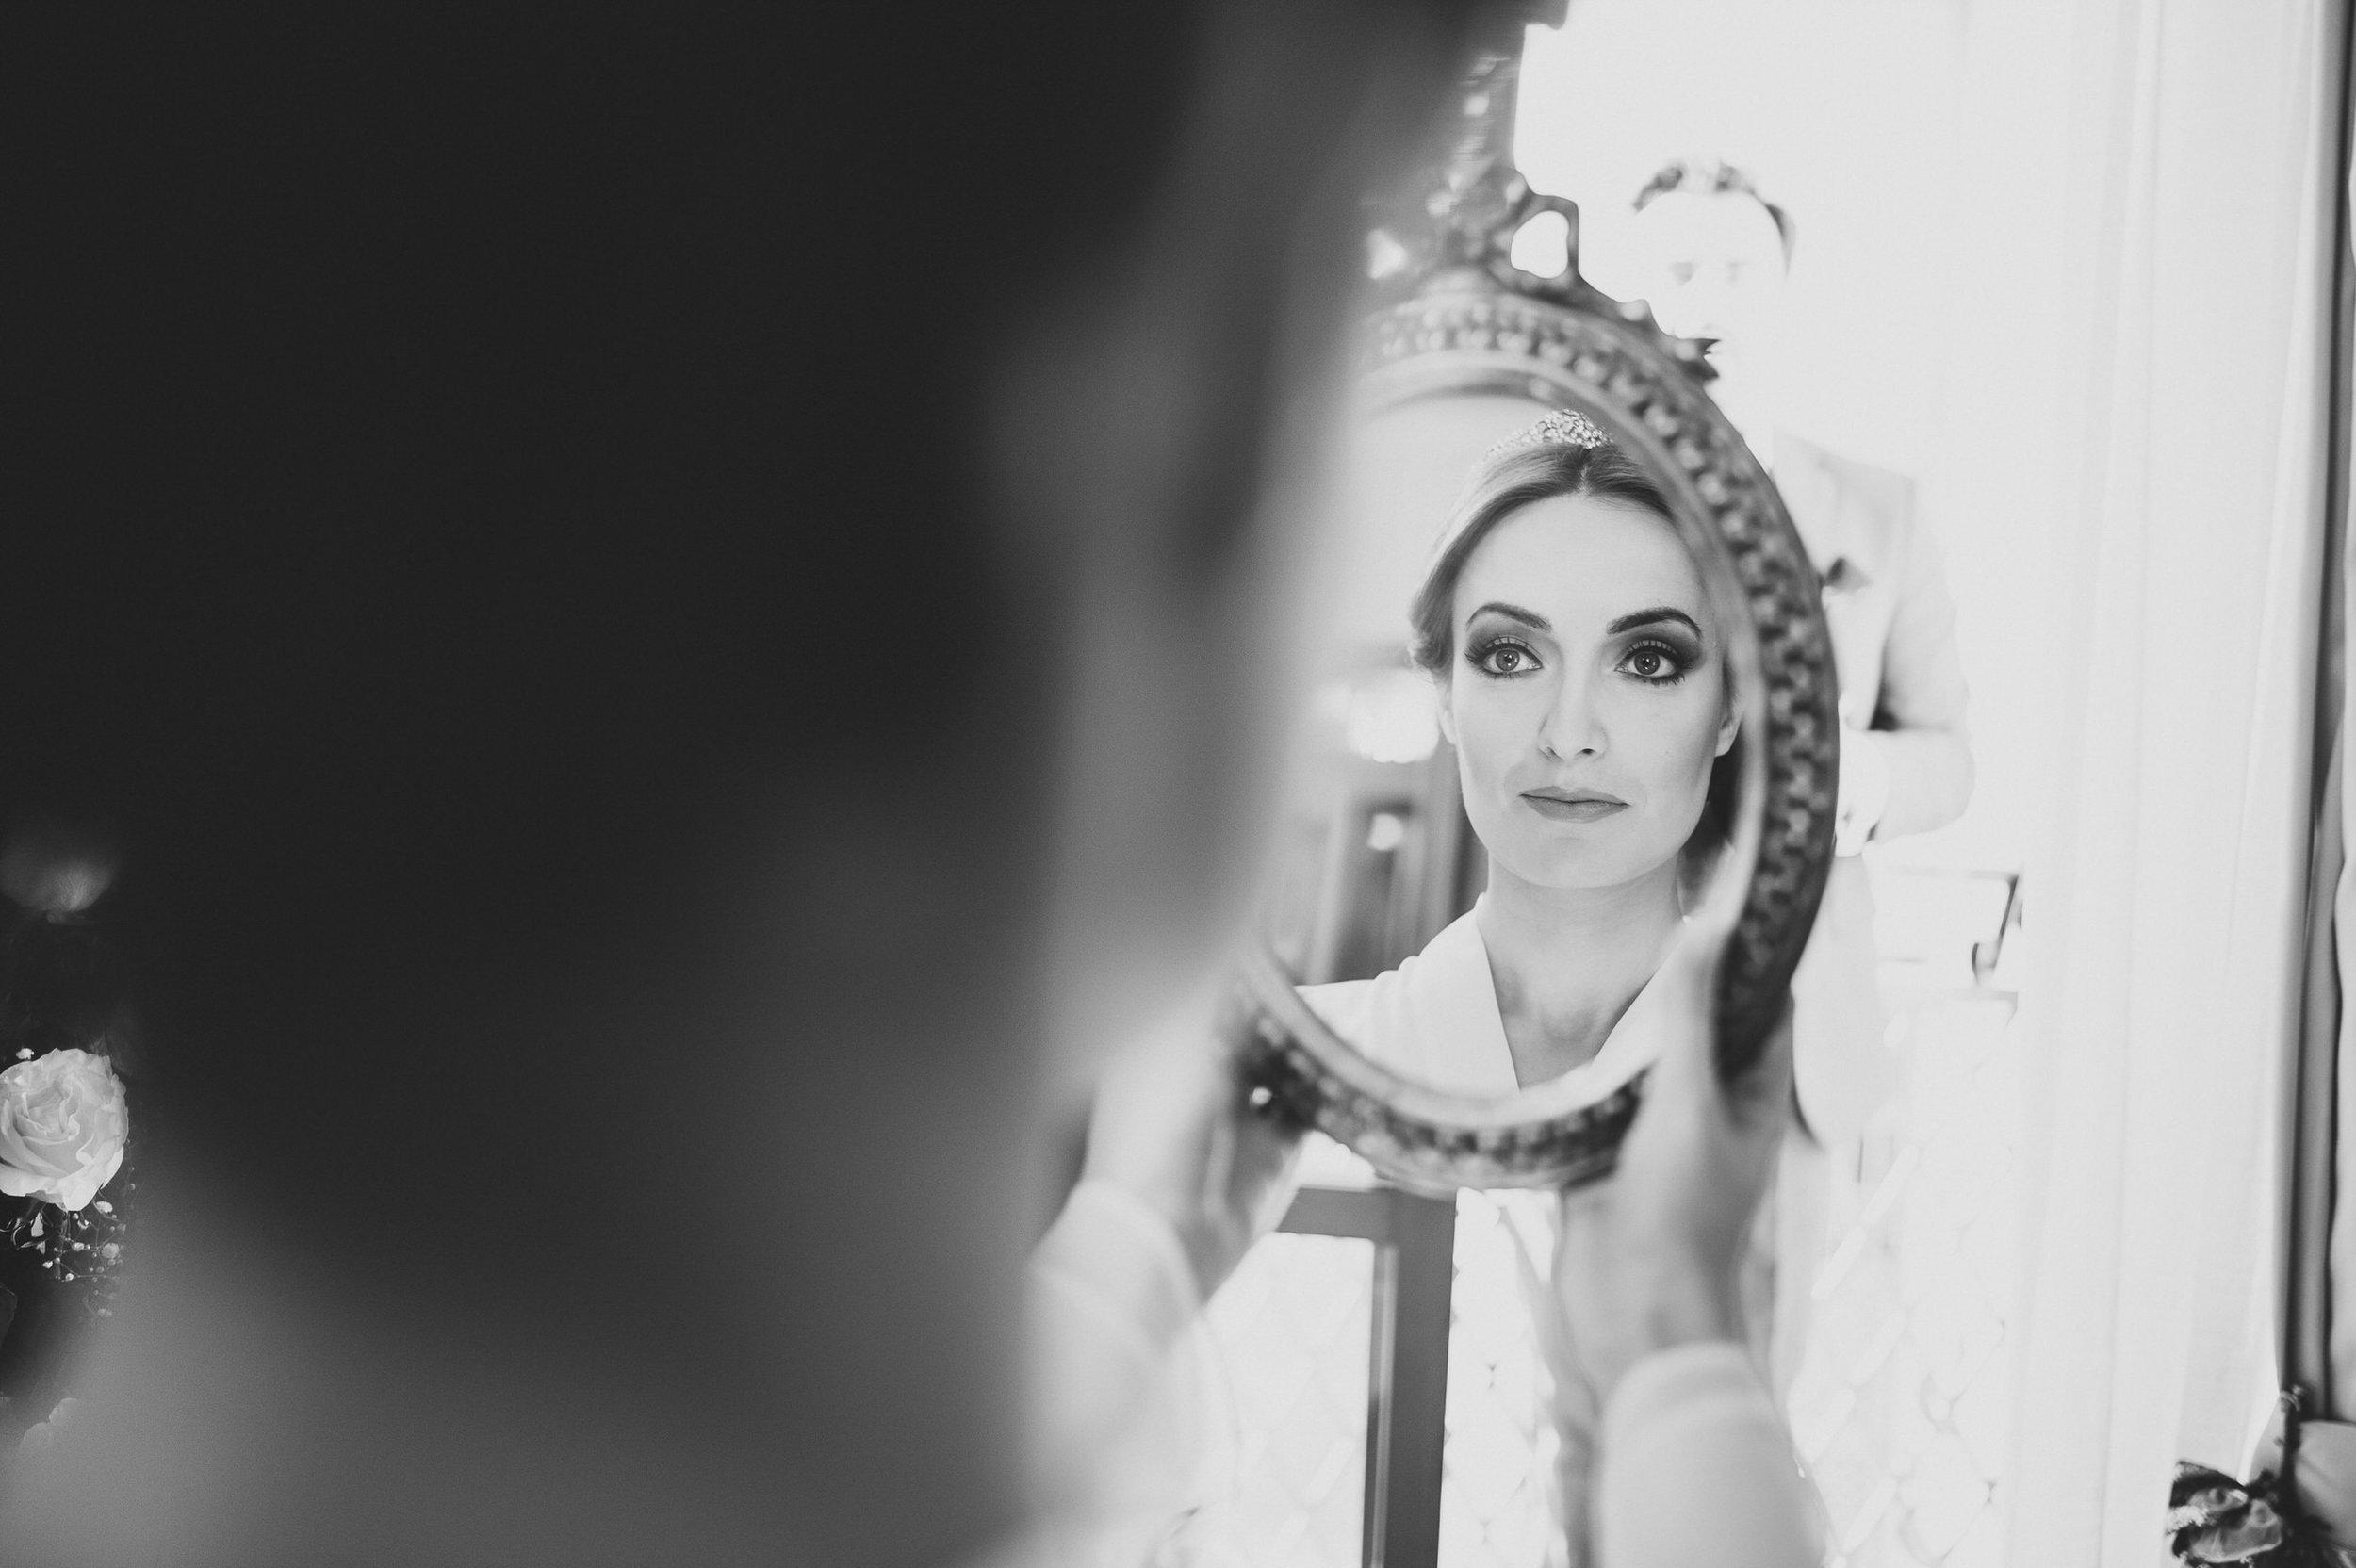 Andrés+Amarillo+fotografo+boda+Utrera+Dos+Hermanas+Santa+Maria+la+blanca+albaraca+Ivan+Campaña+los+tumbao (33).JPG